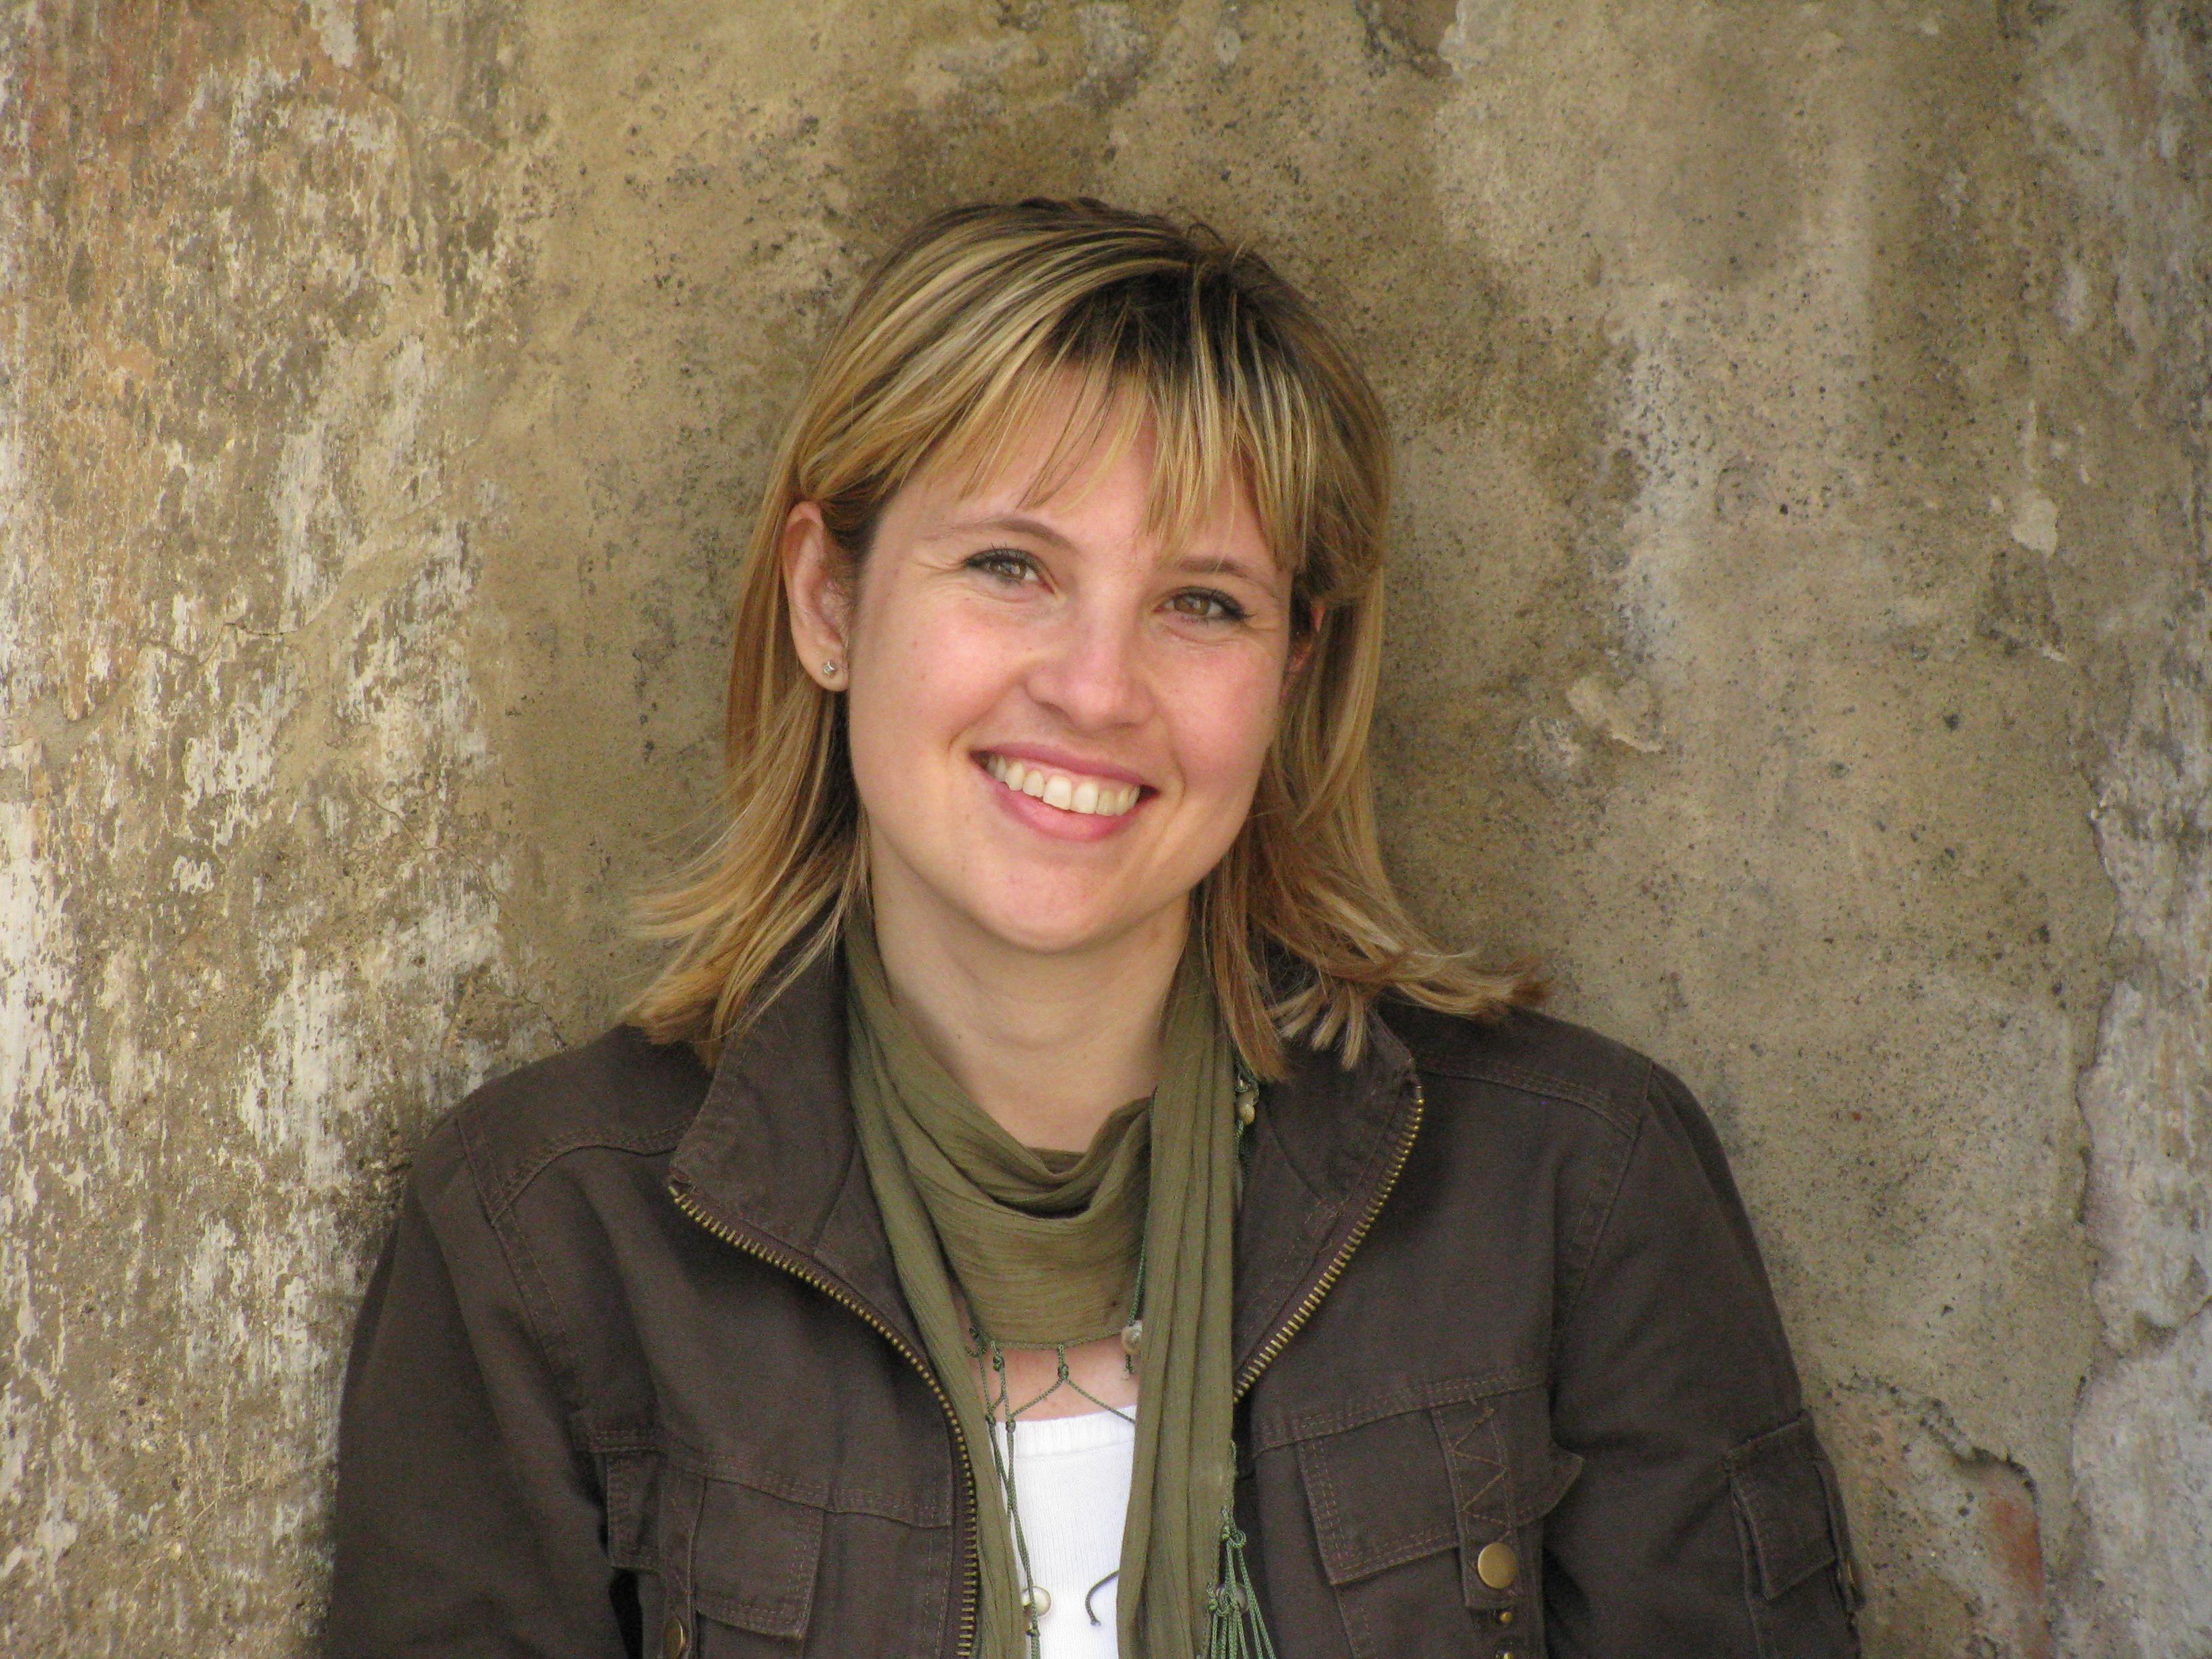 Antonella Prenner – La Fiera delle Parole